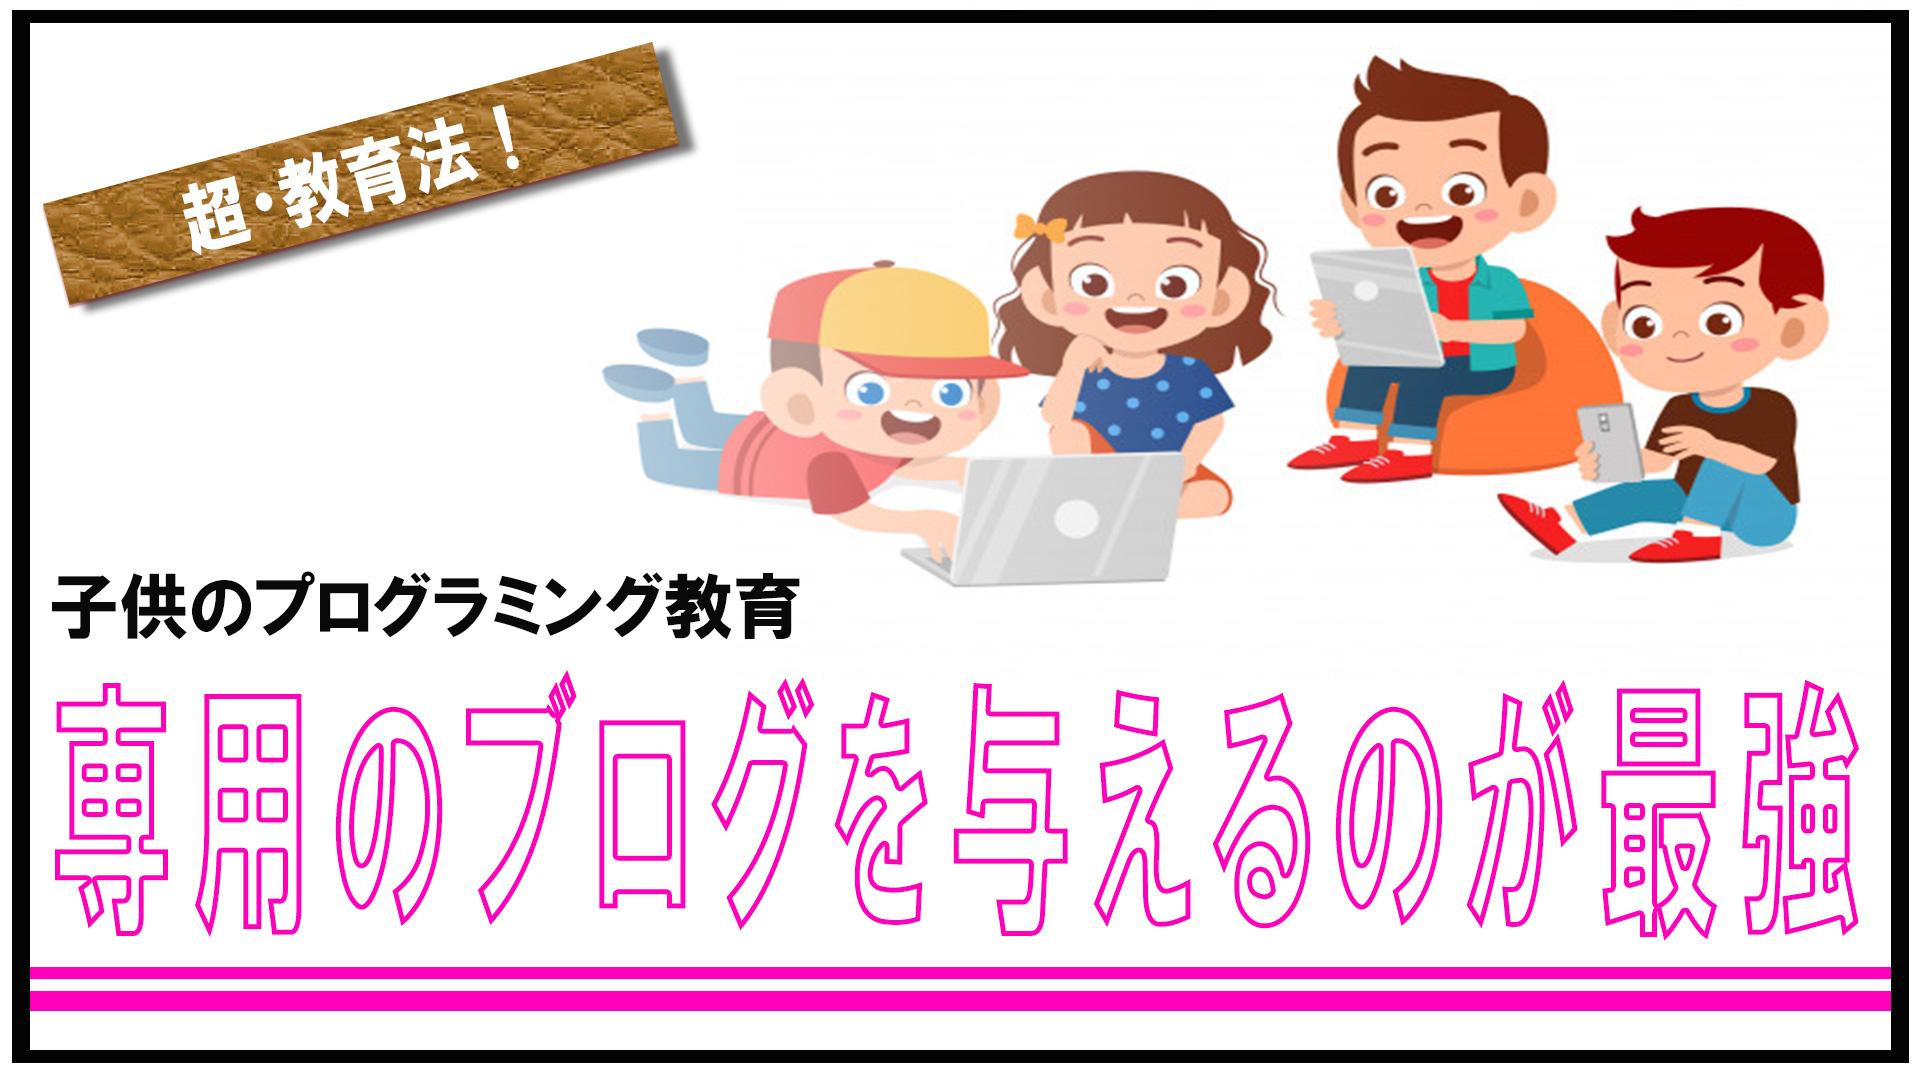 子供にプログラミングを教えるなら、自分の専用ブログを与えるのが最強